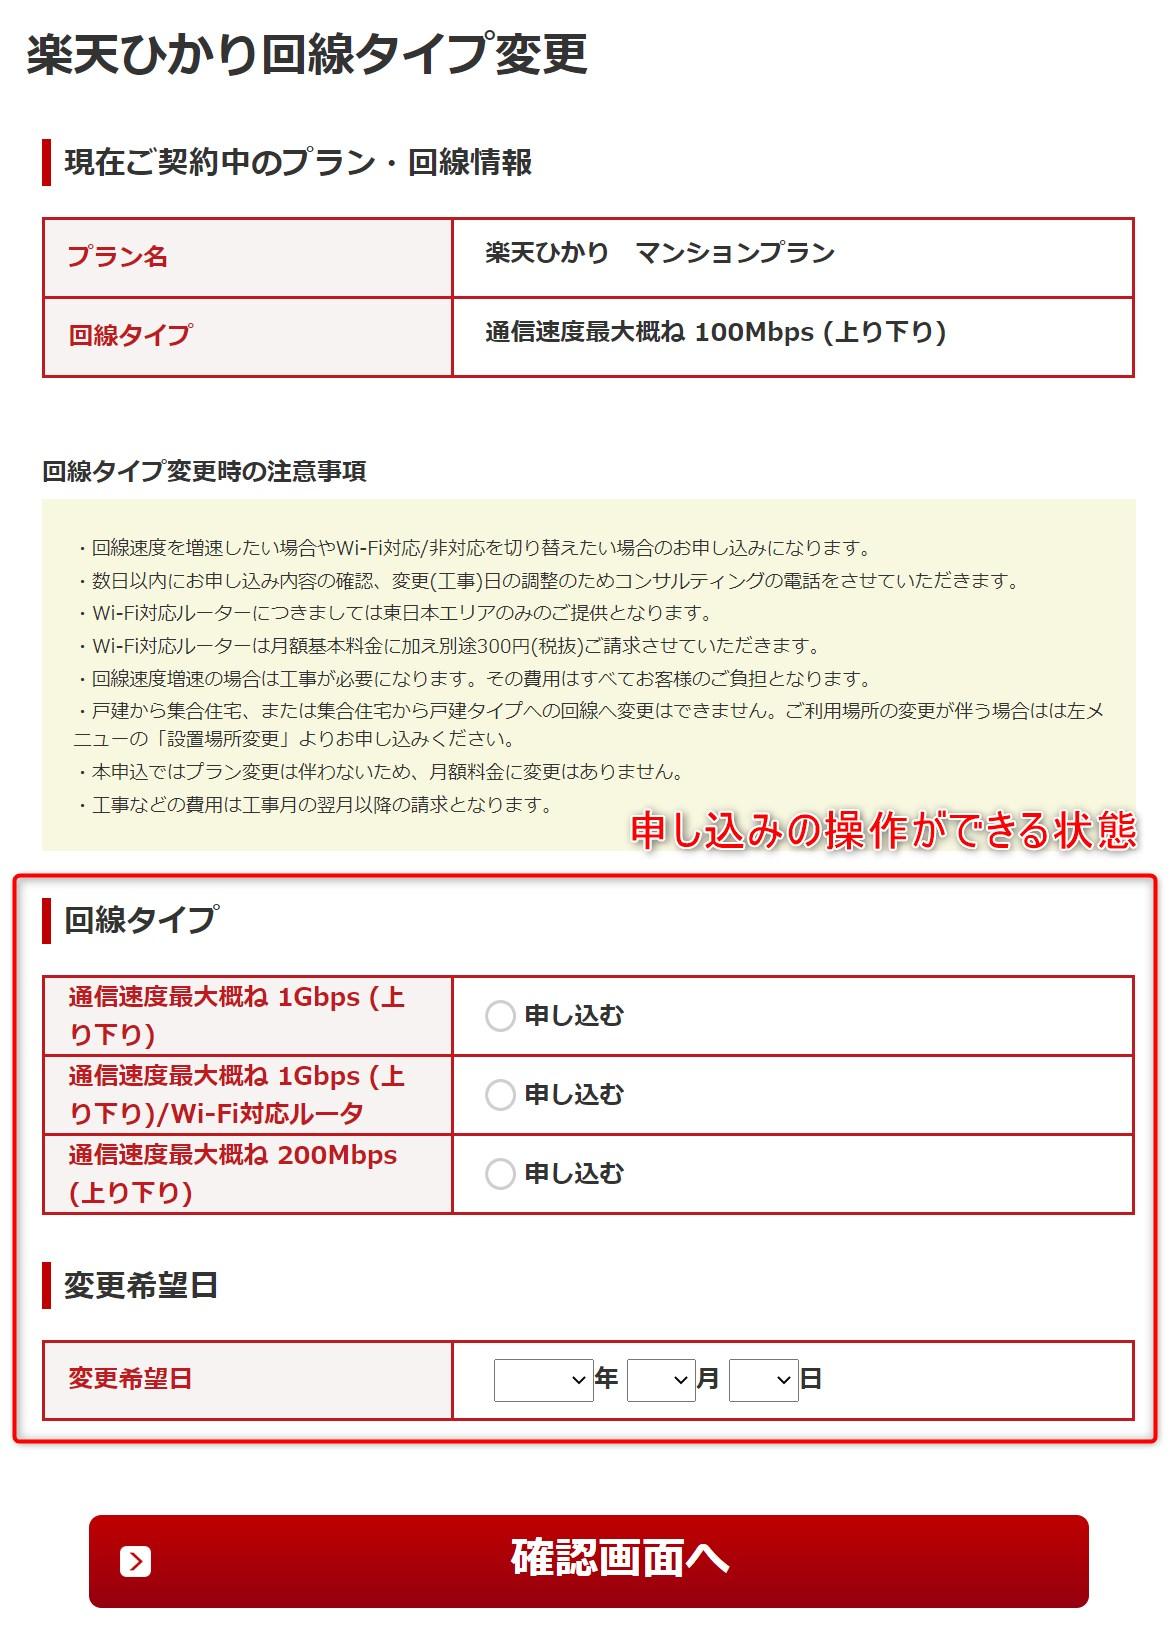 楽天ひかりIPv6 - 2